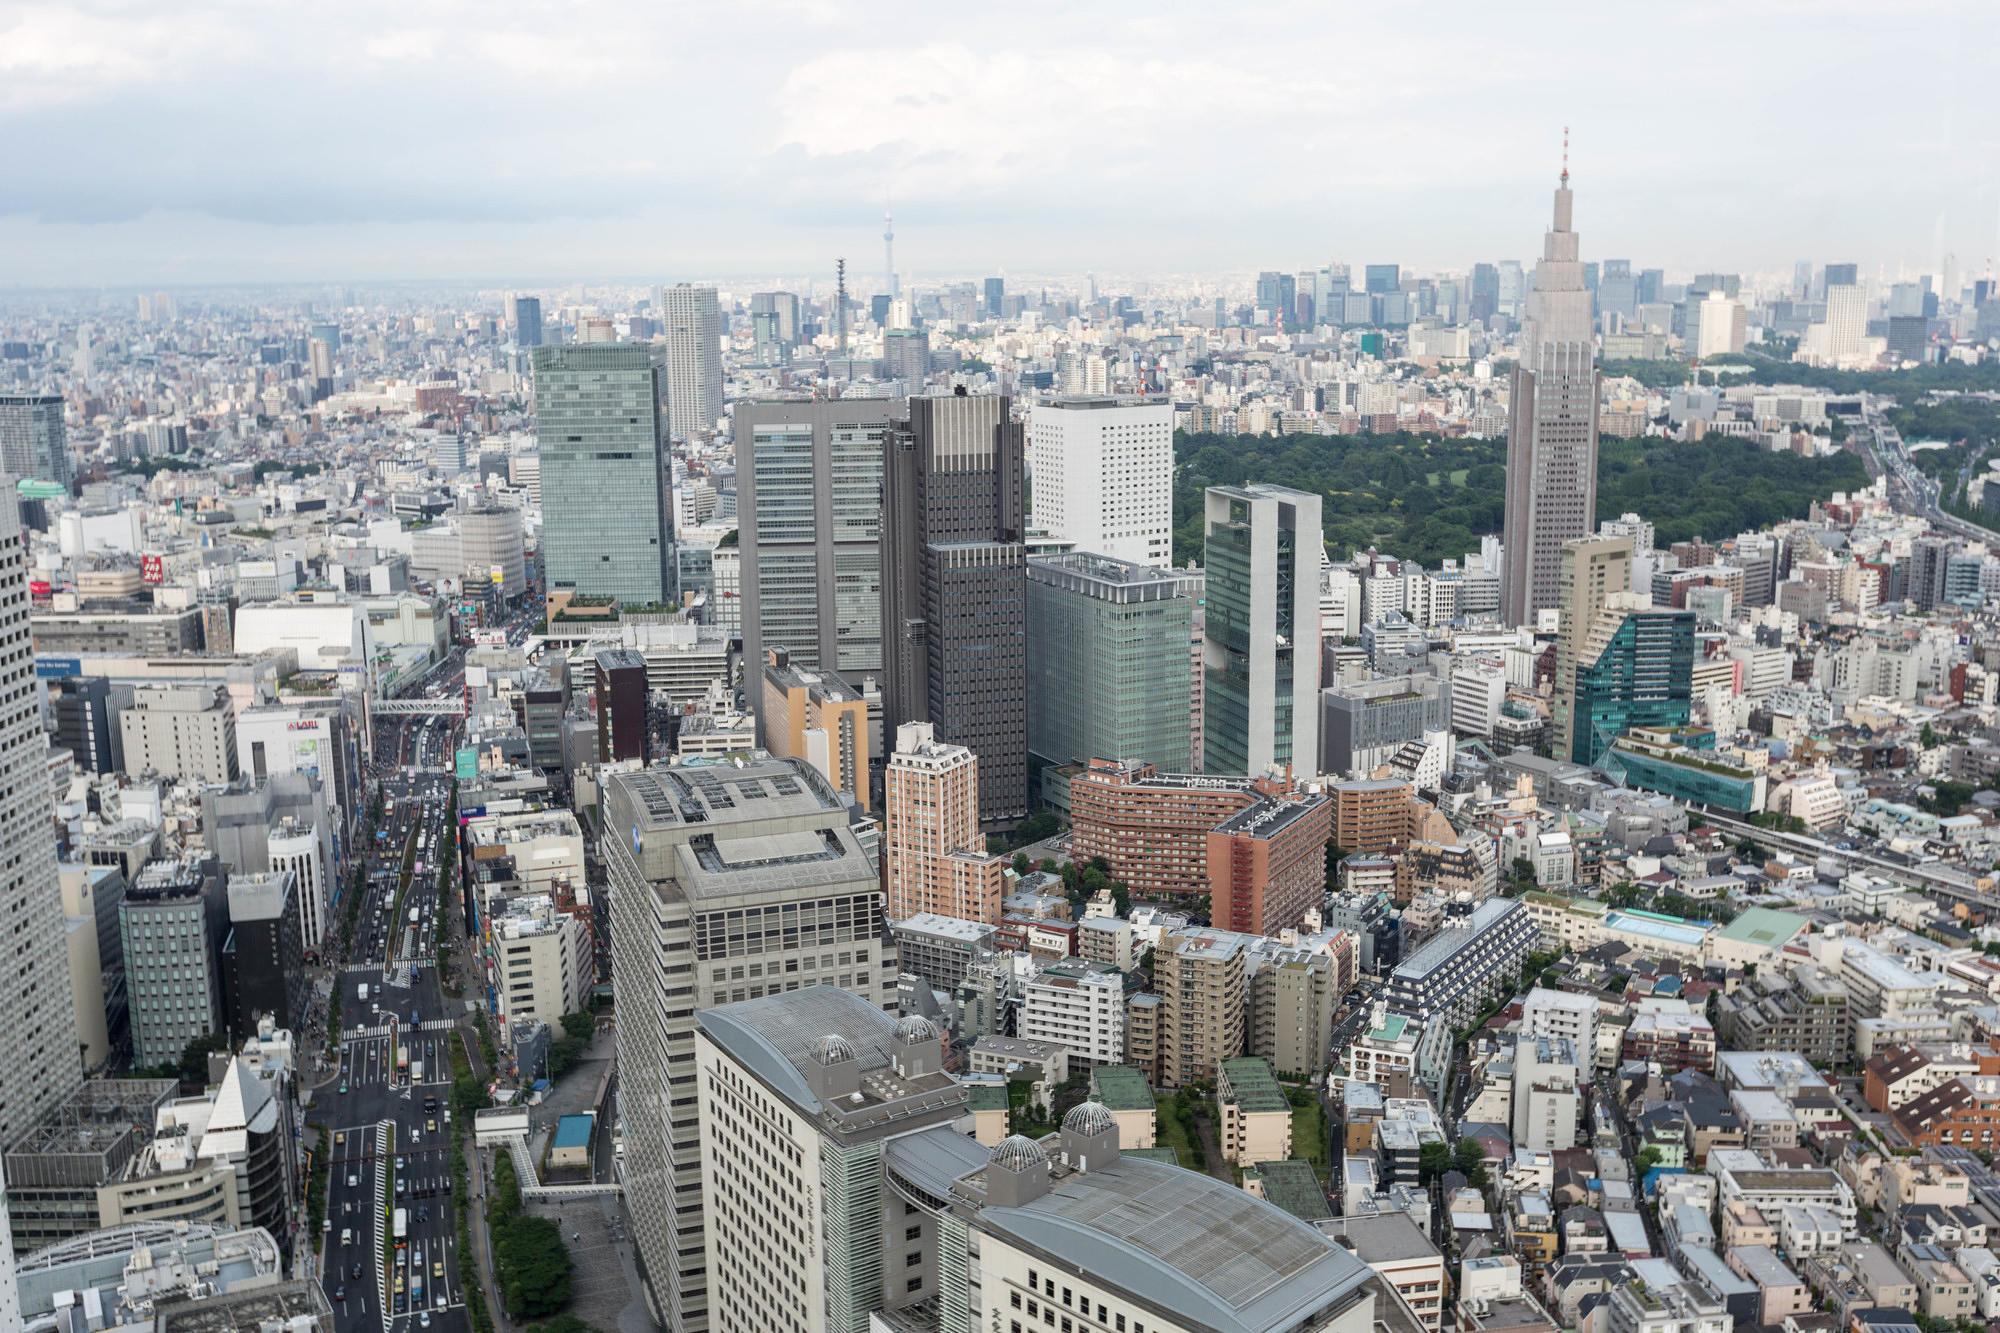 Tokyo's skyline from the Park Hyatt Tokyo